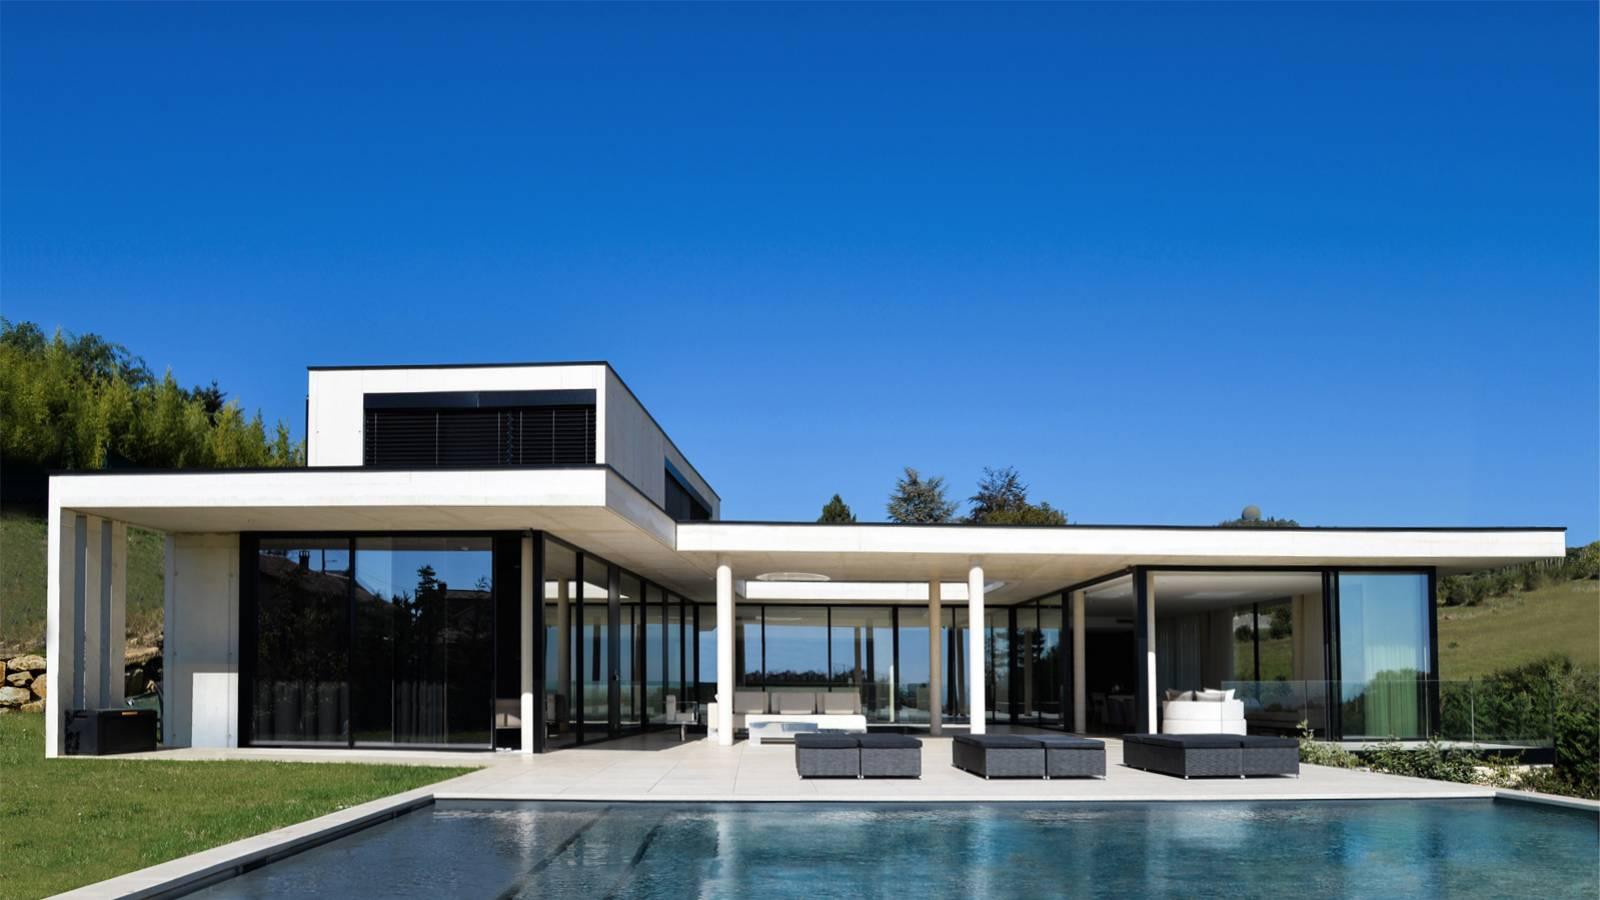 Architecte Pour Villa Et Maison Contemporaine De Prestige A Lyon Cabinet D Architecture D Interieur En Auvergne Rhone Alpes Cabinet Vielliard Francheteau Architectures